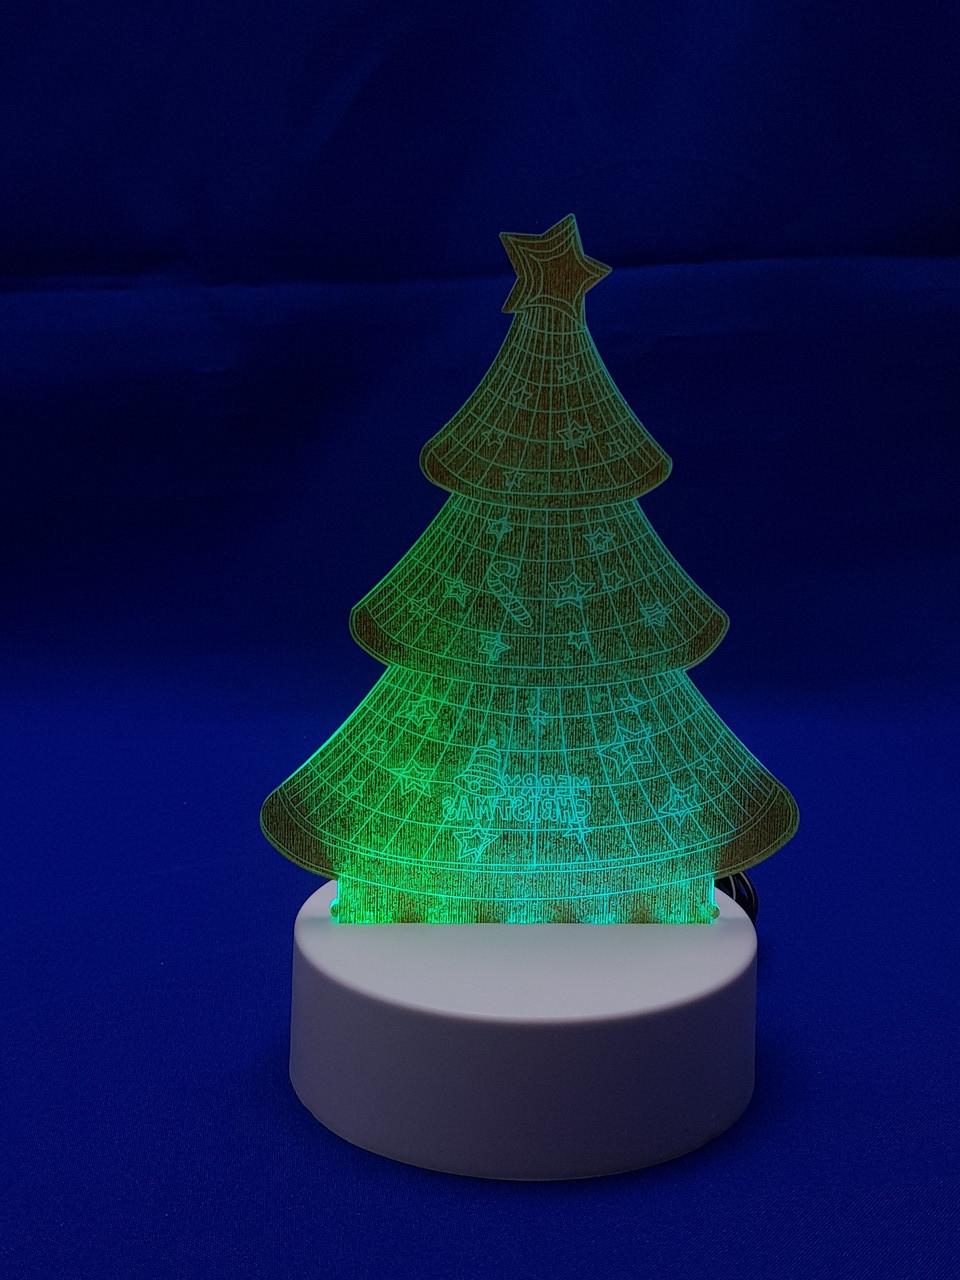 Стильный Настольный светильник с 3D эффектом | Елочка